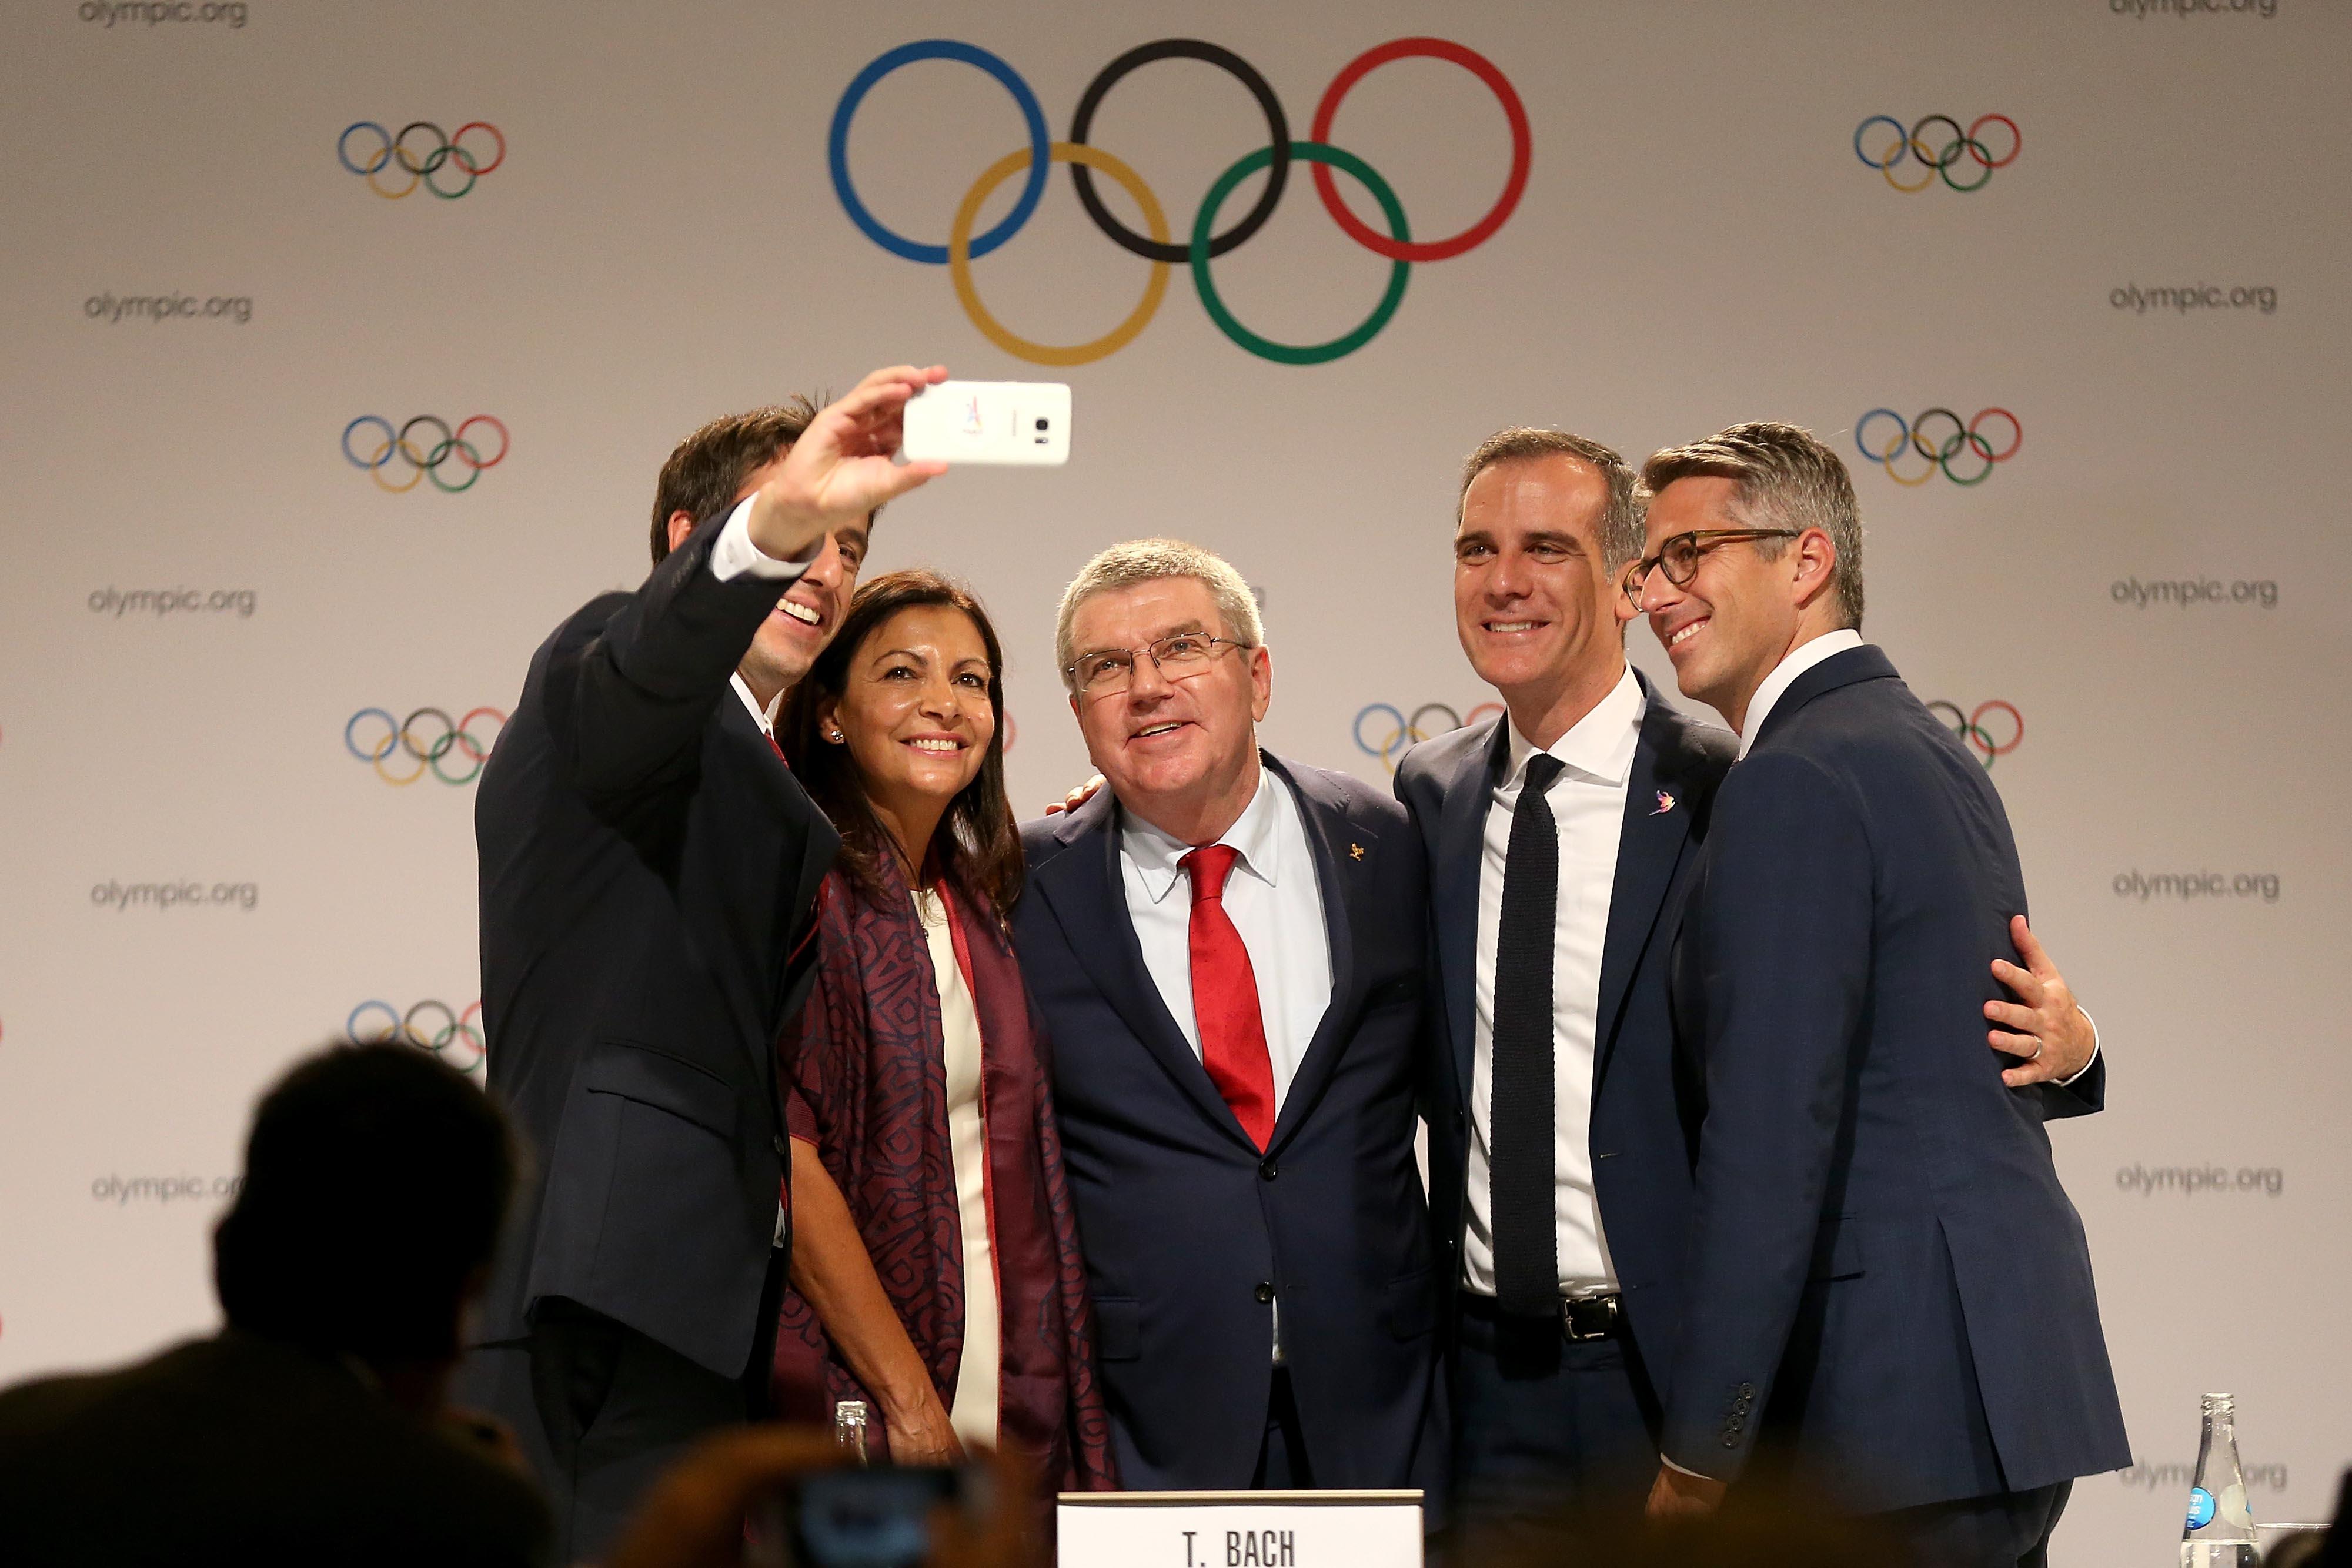 Jeux olympiques - JO 2024 - Paris et Los Angeles annonce un accord de «jumelage olympique»